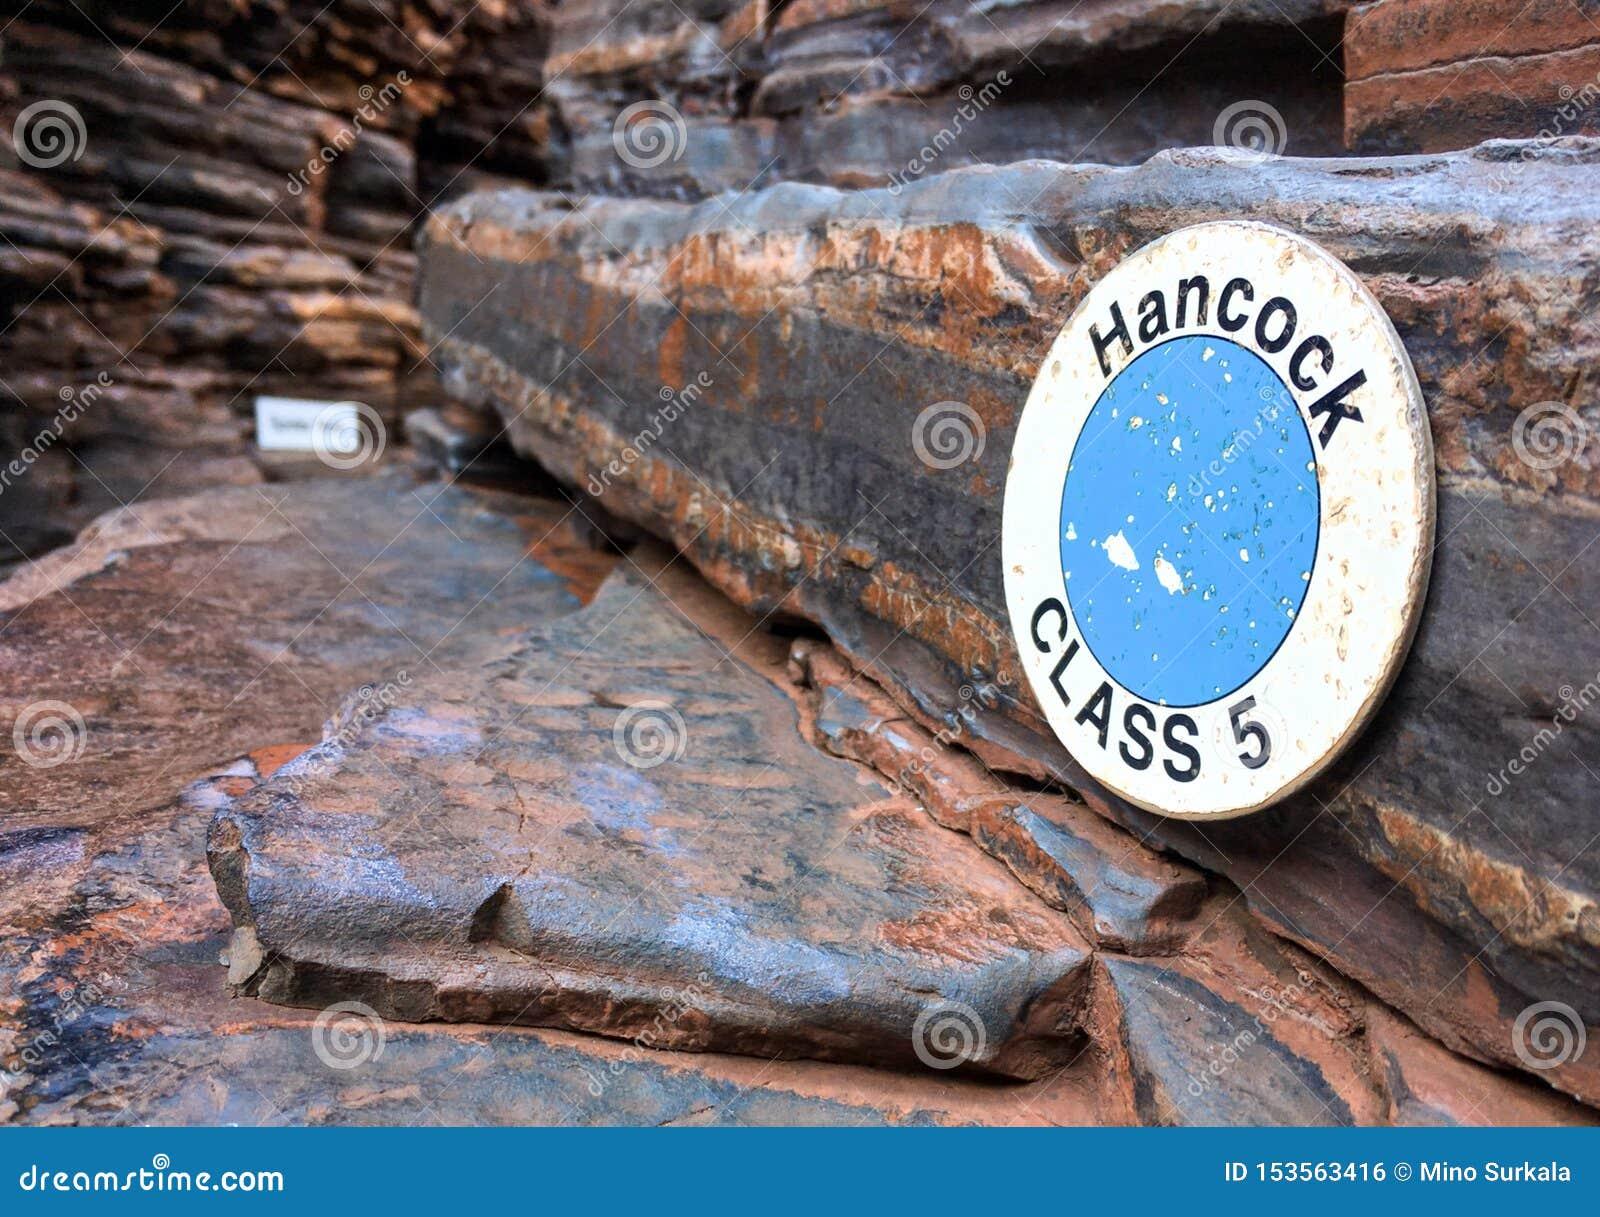 La señal de peligro en la garganta de Hancock en el parque nacional de Karijini en la región de Pilbara, Australia occidental que